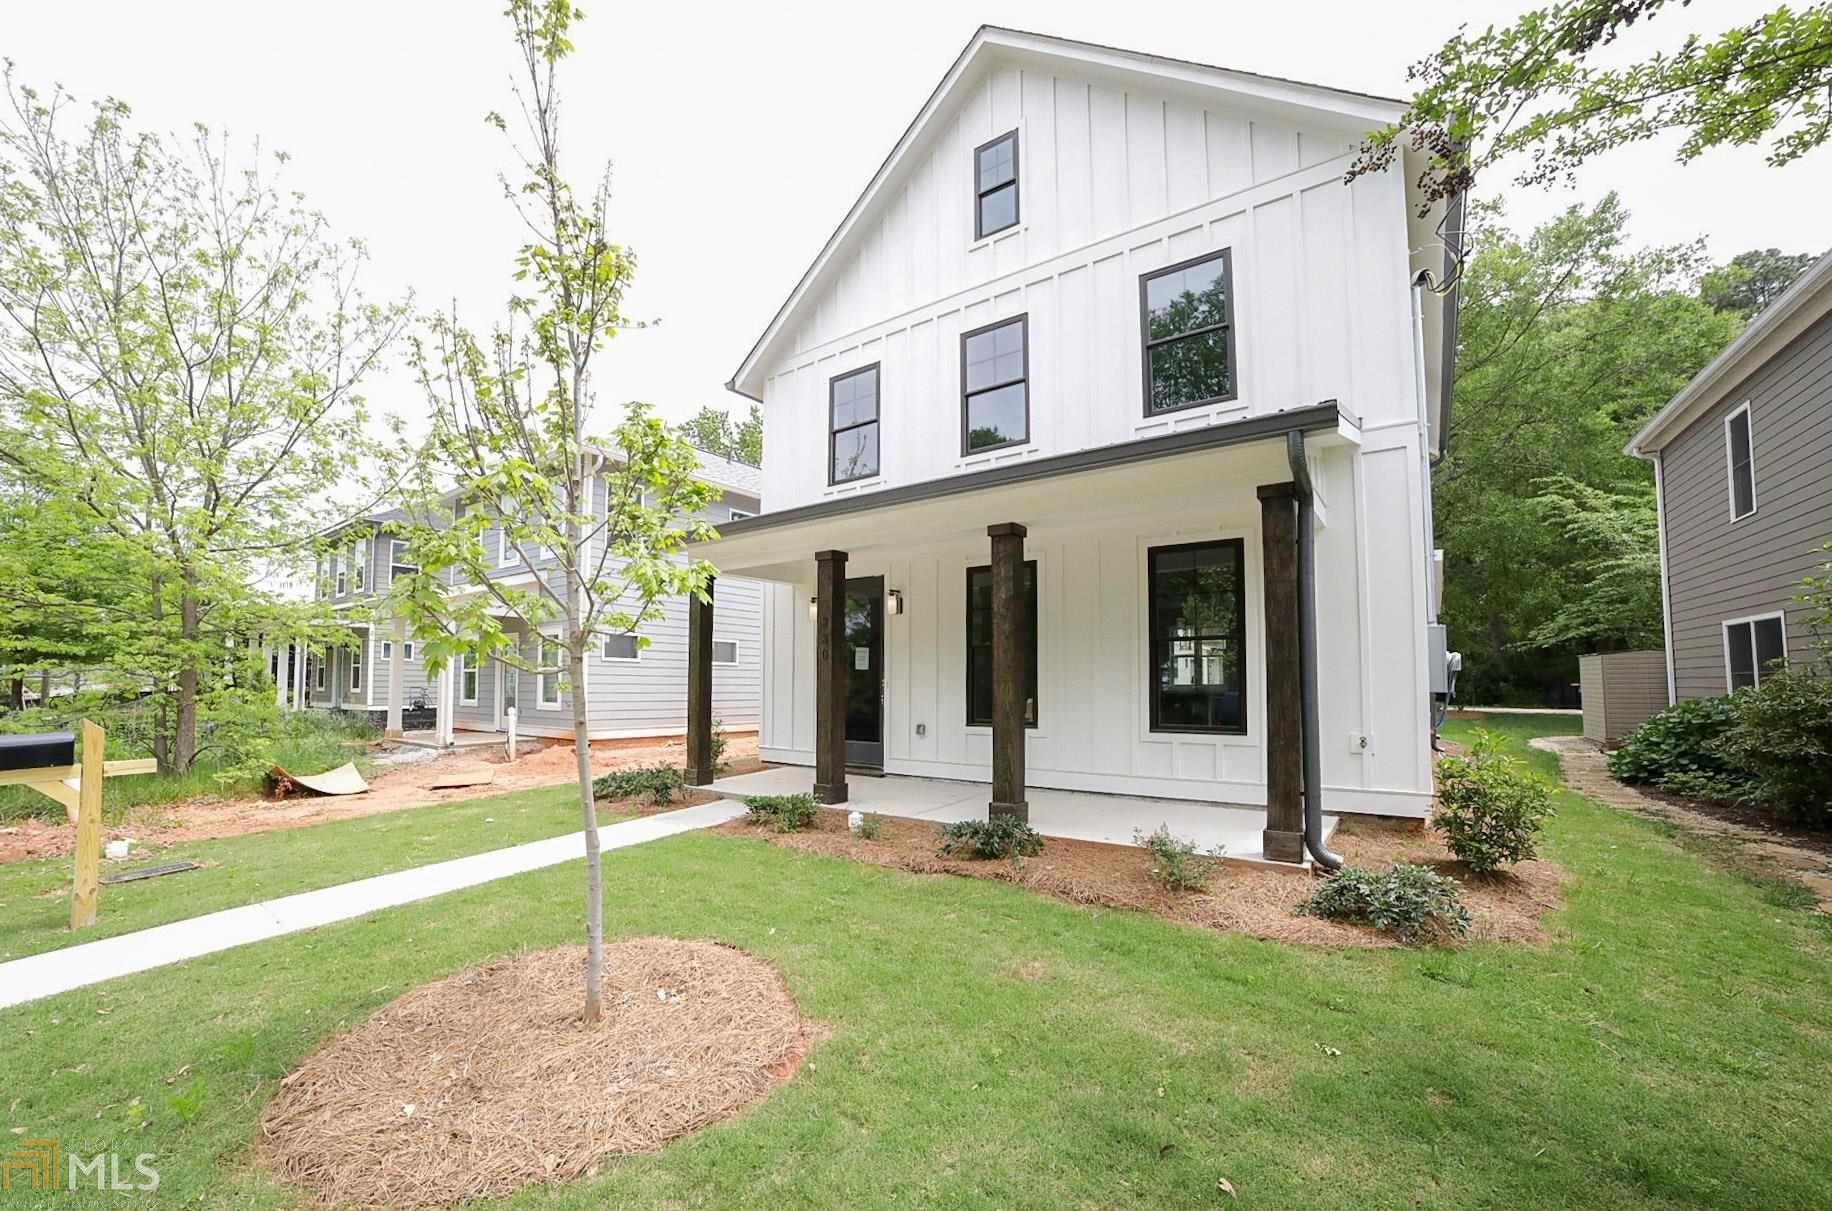 330 Lake St, Athens, GA 30601 - MLS#: 8903912